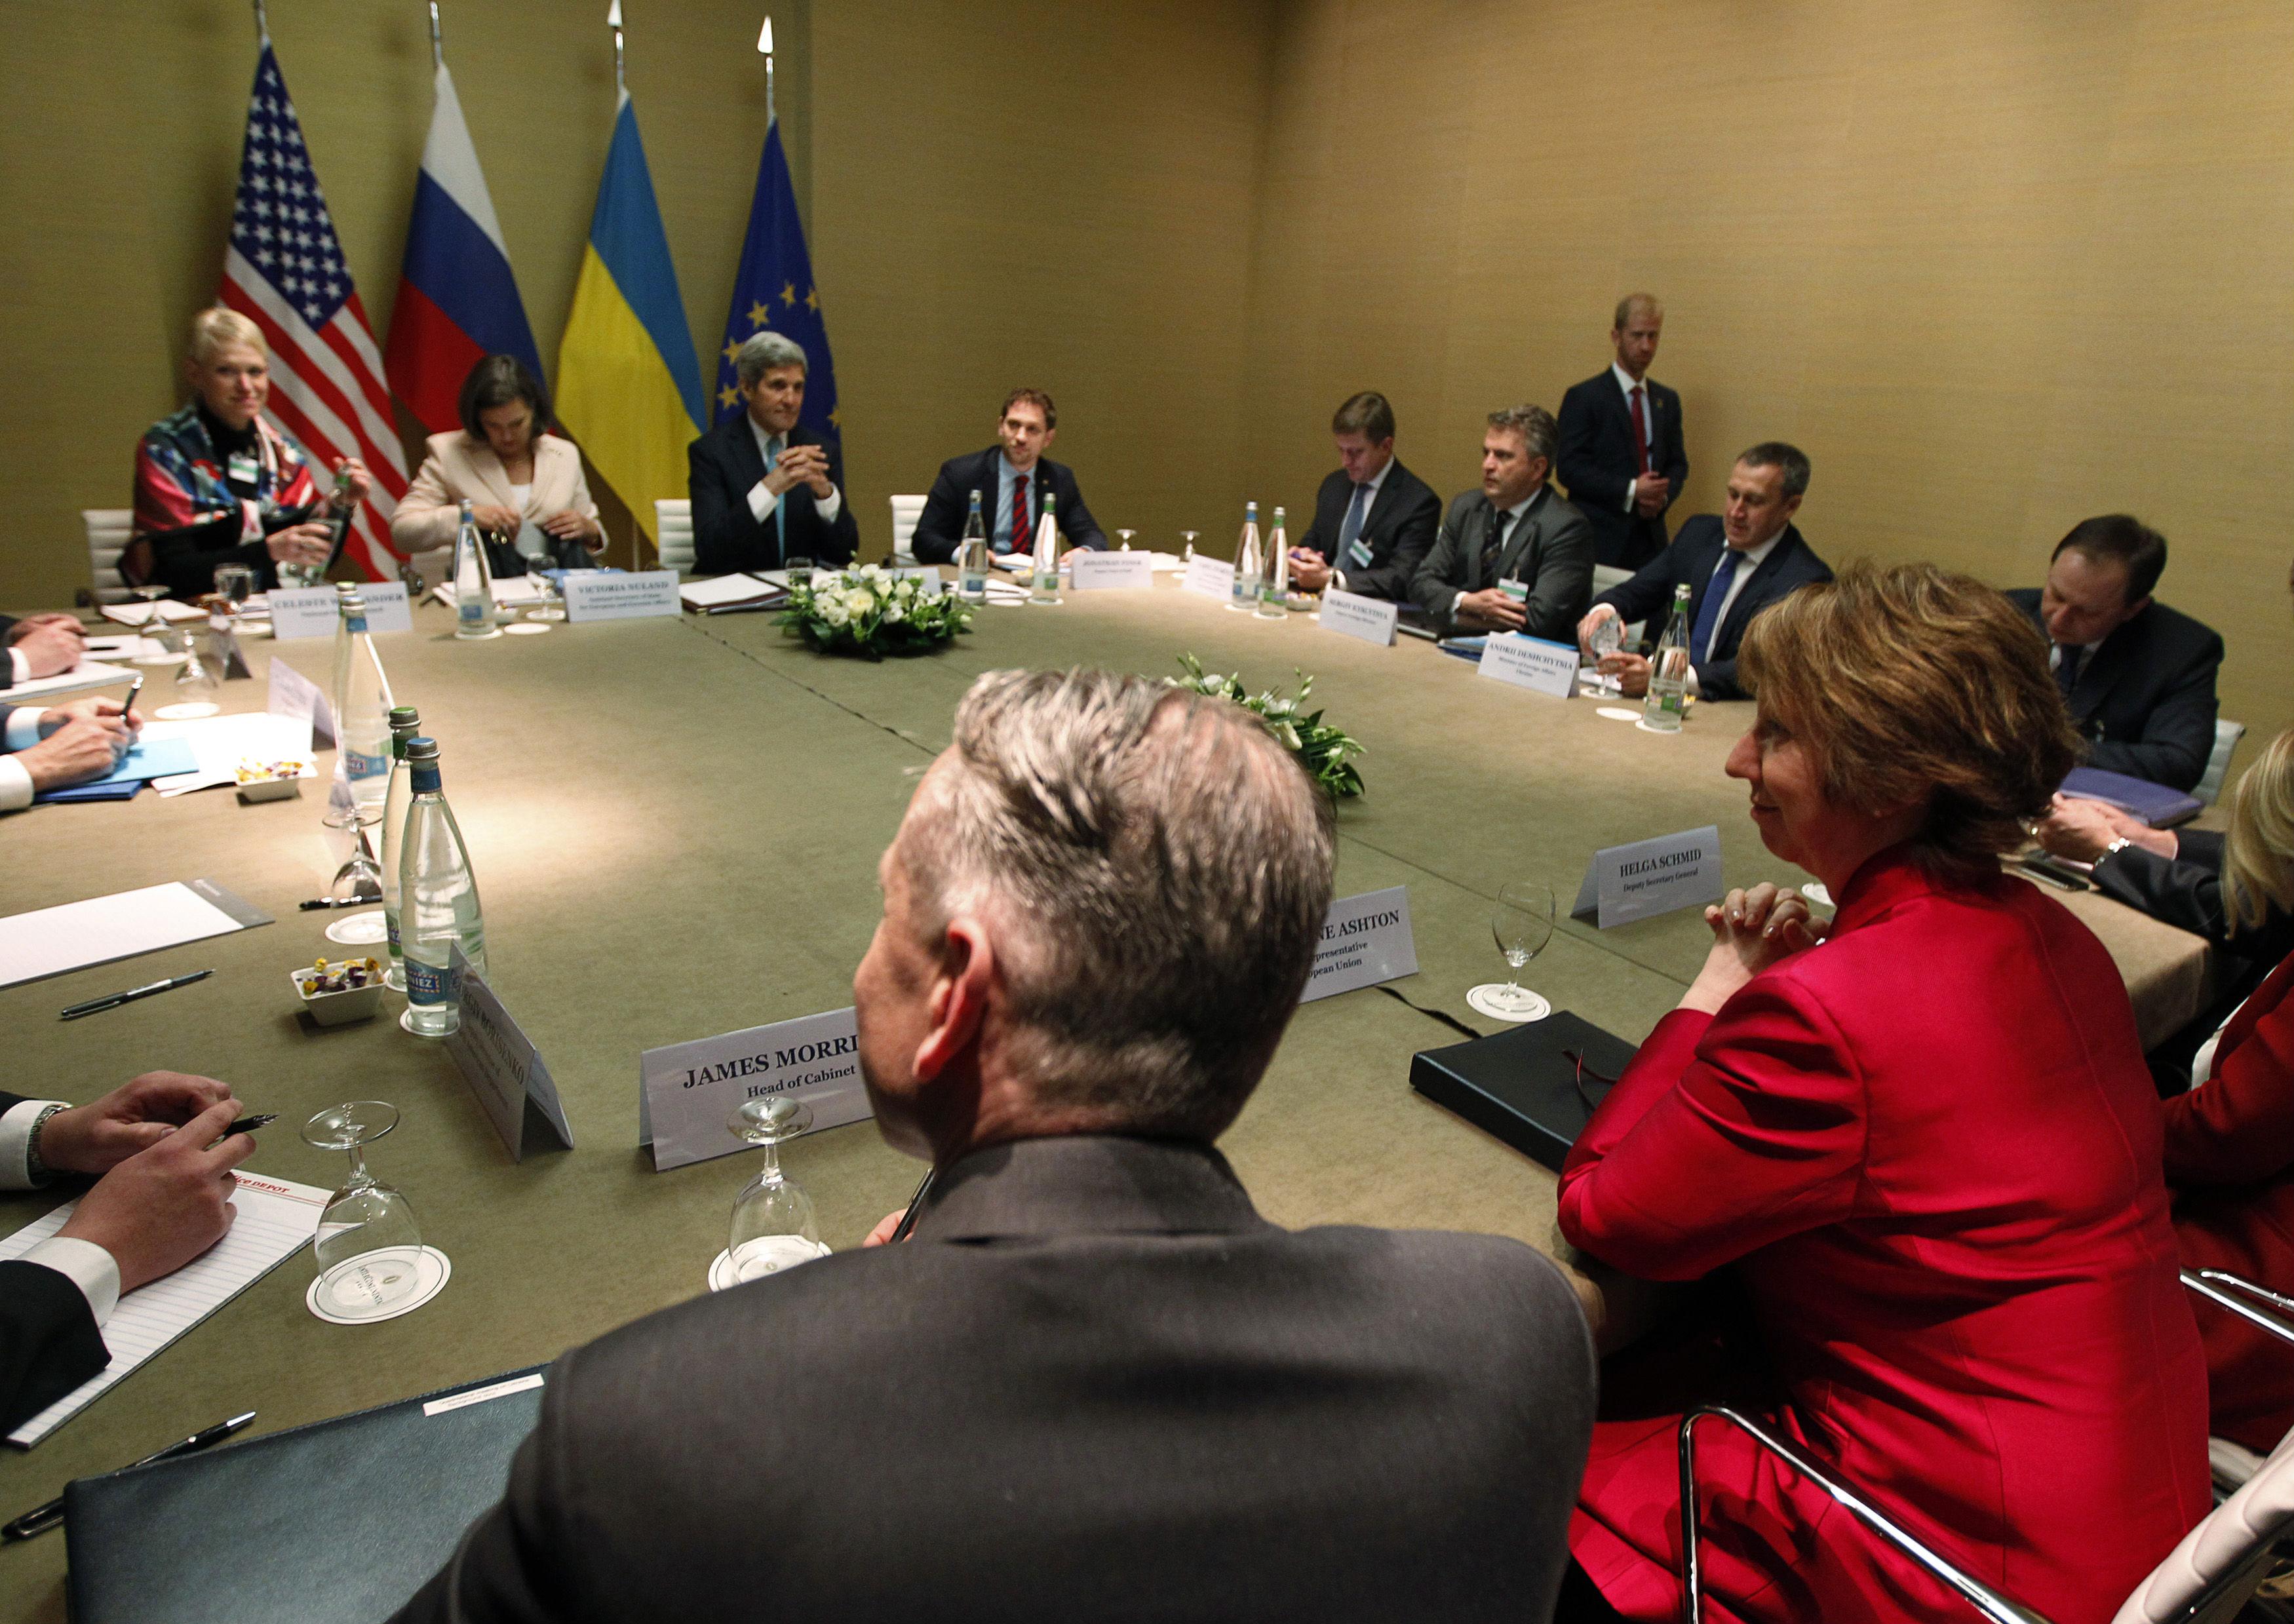 ukraine_crisis_geneva_reuters_img